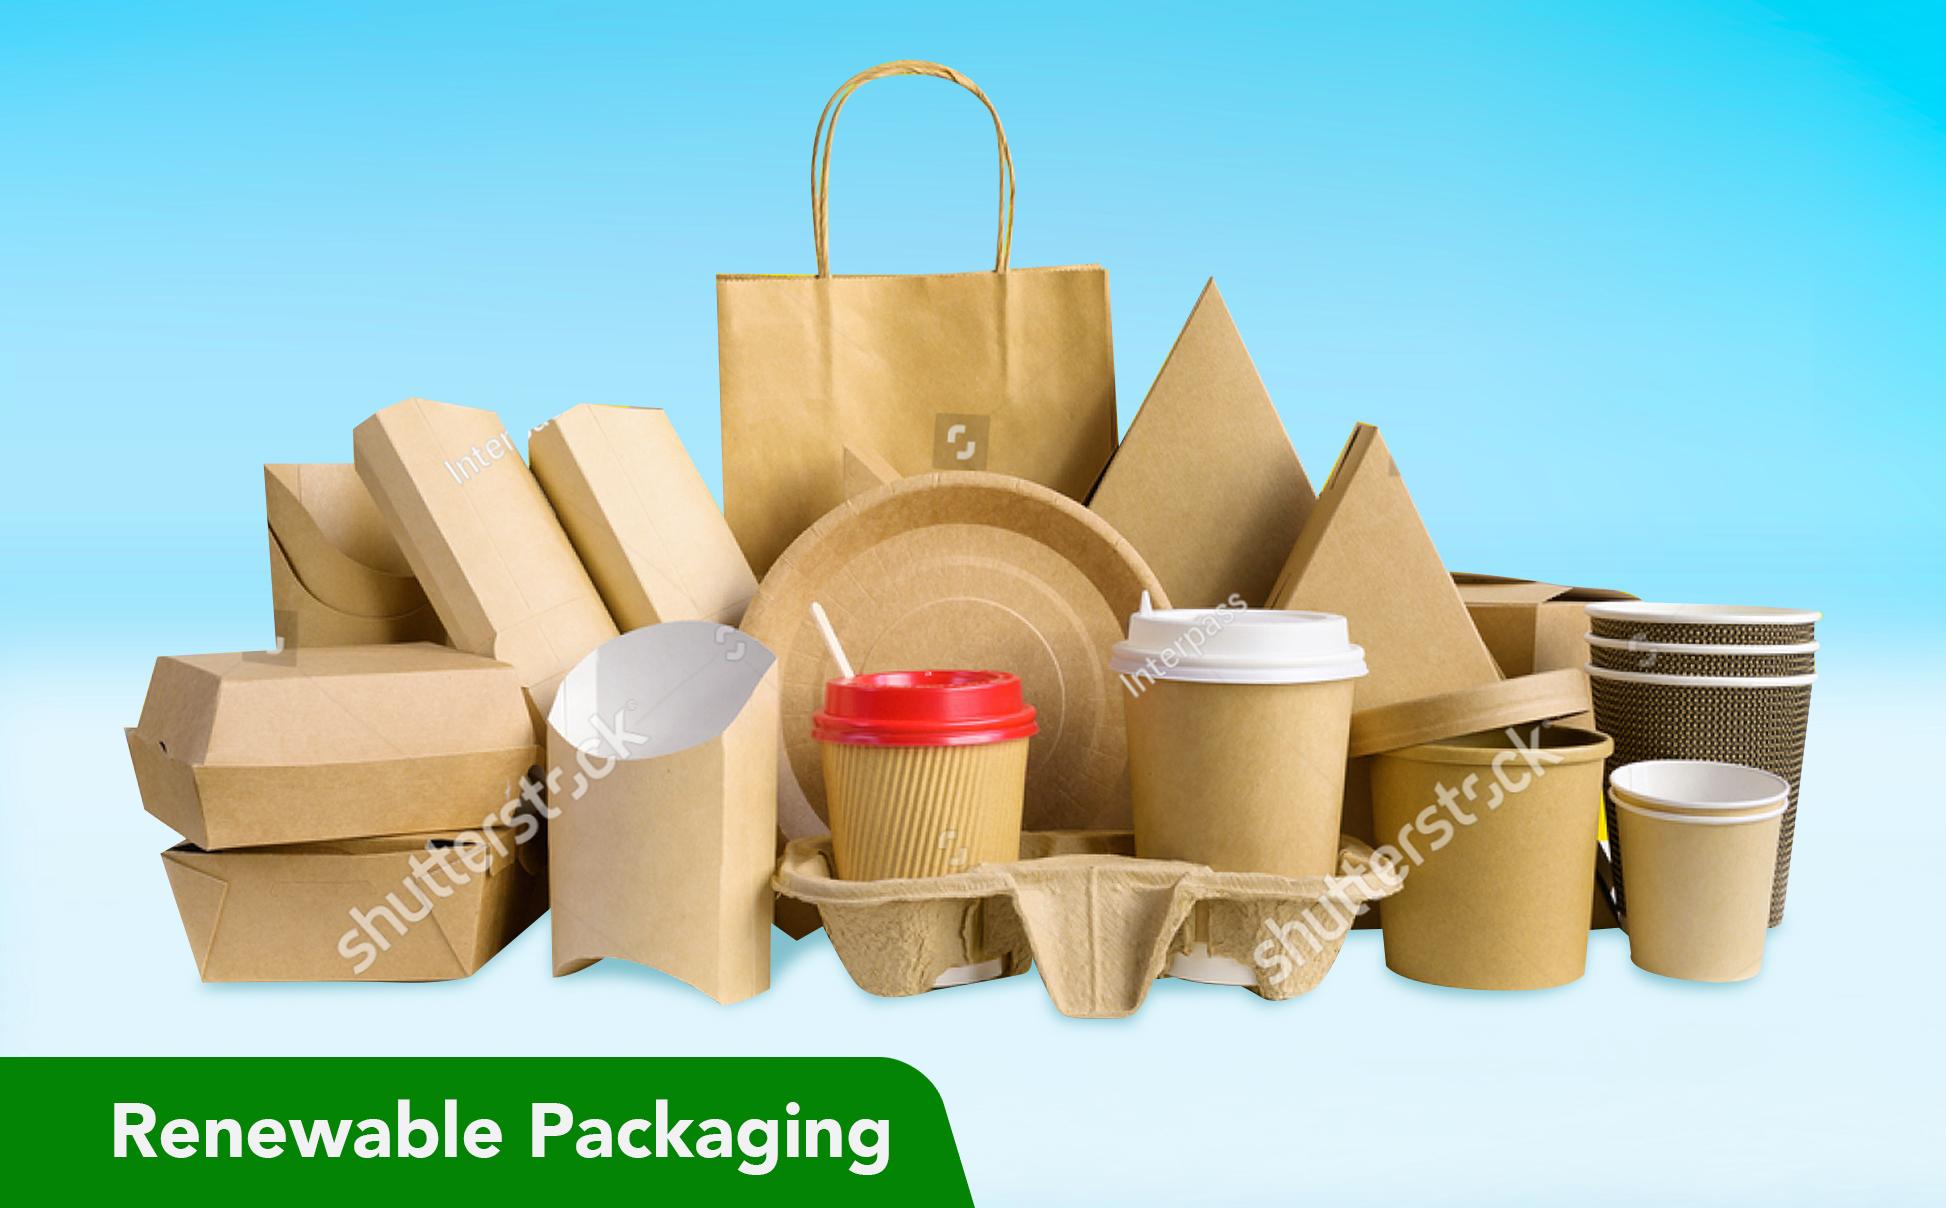 Renewable Packaging